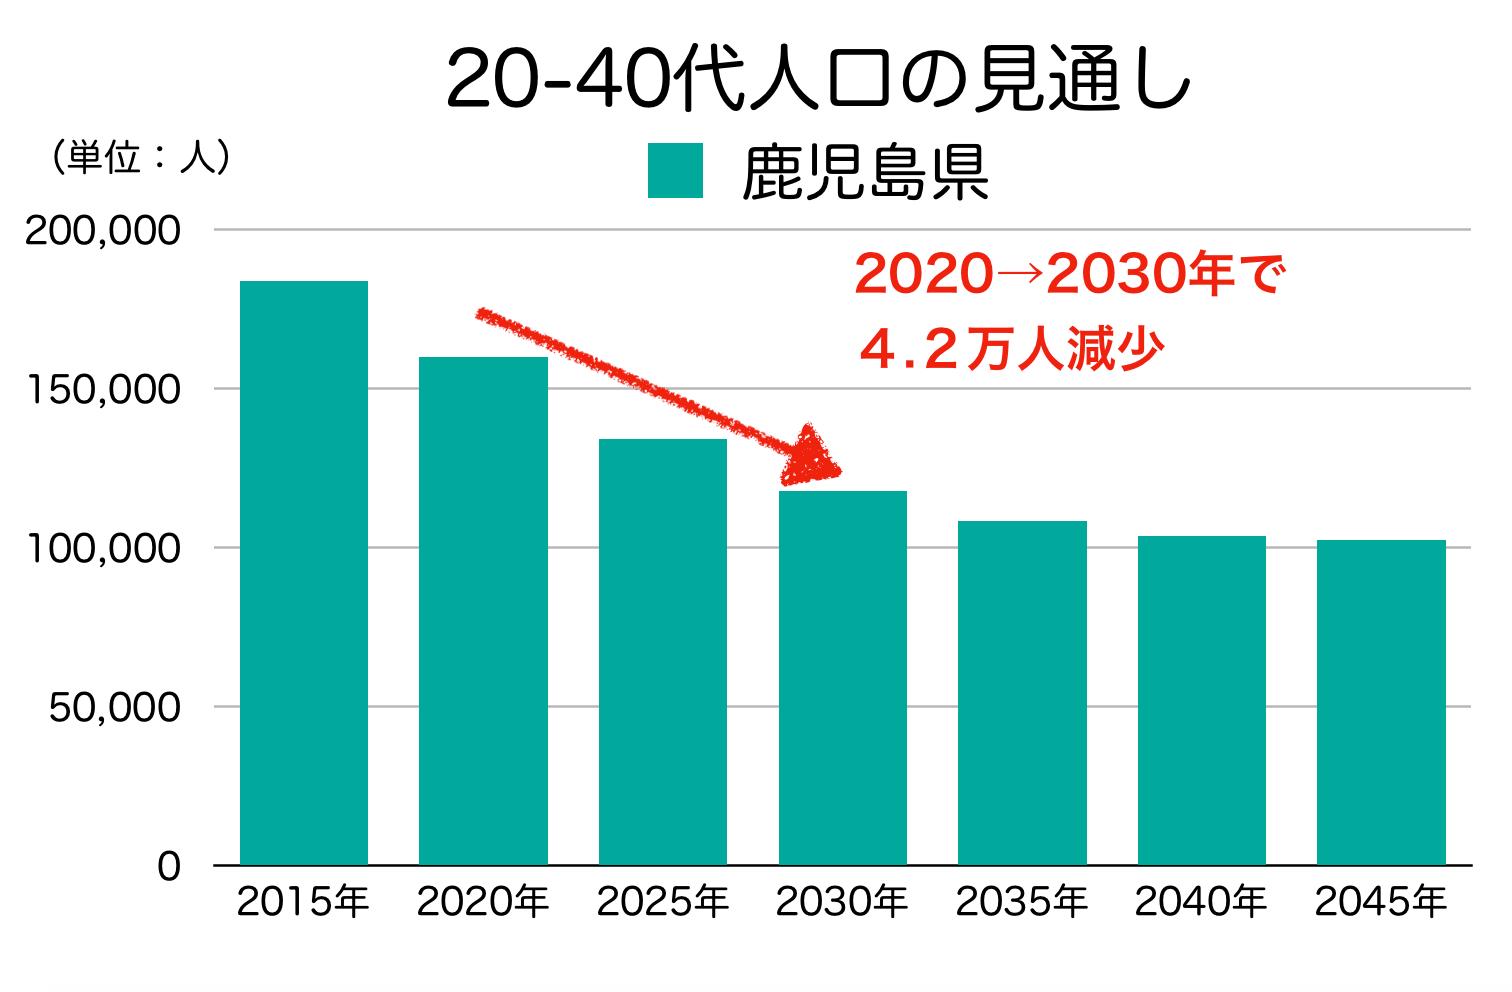 鹿児島県の20-40代人口の見通し